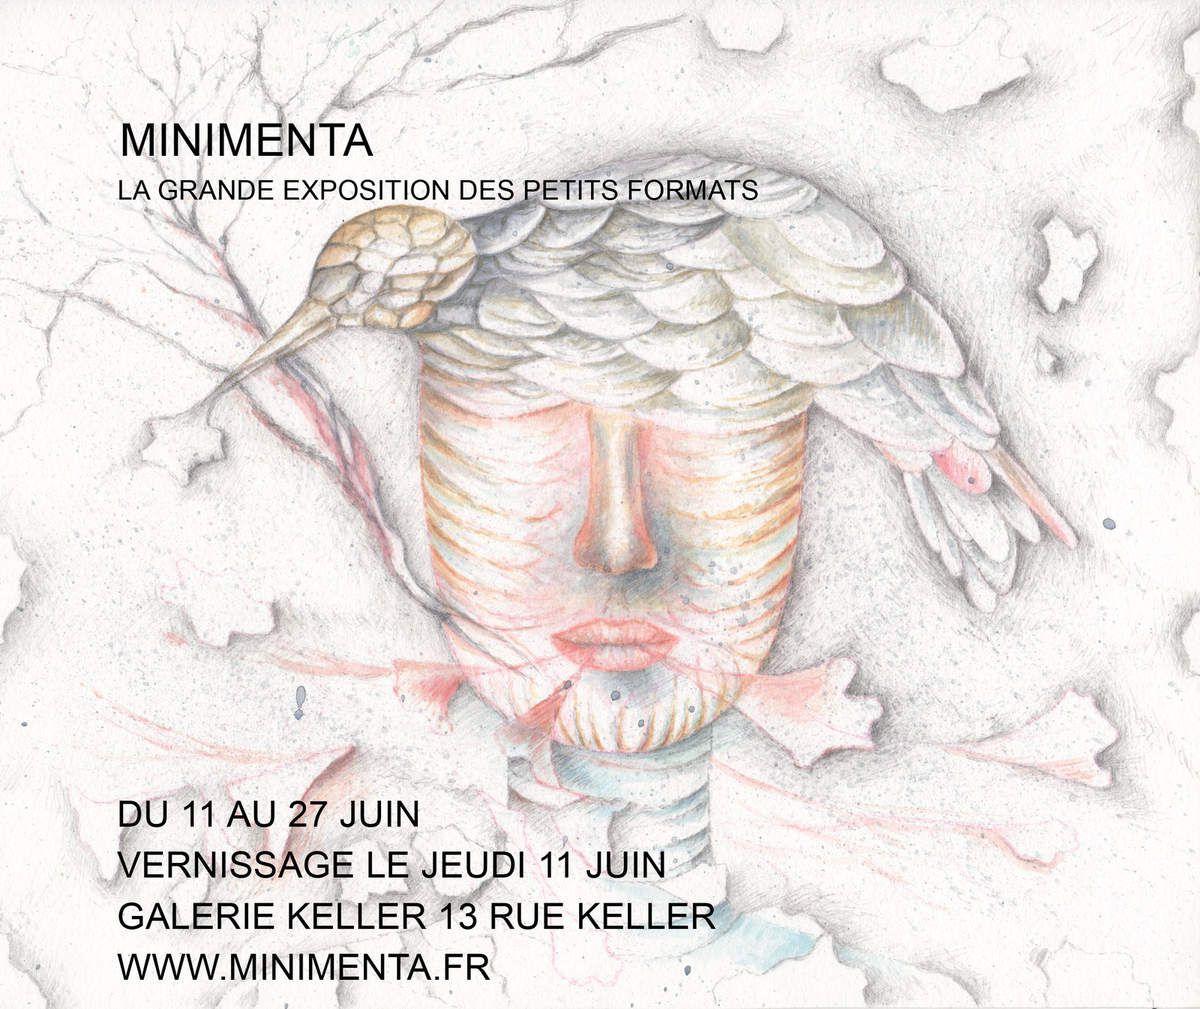 Opening # Minimenta # keller